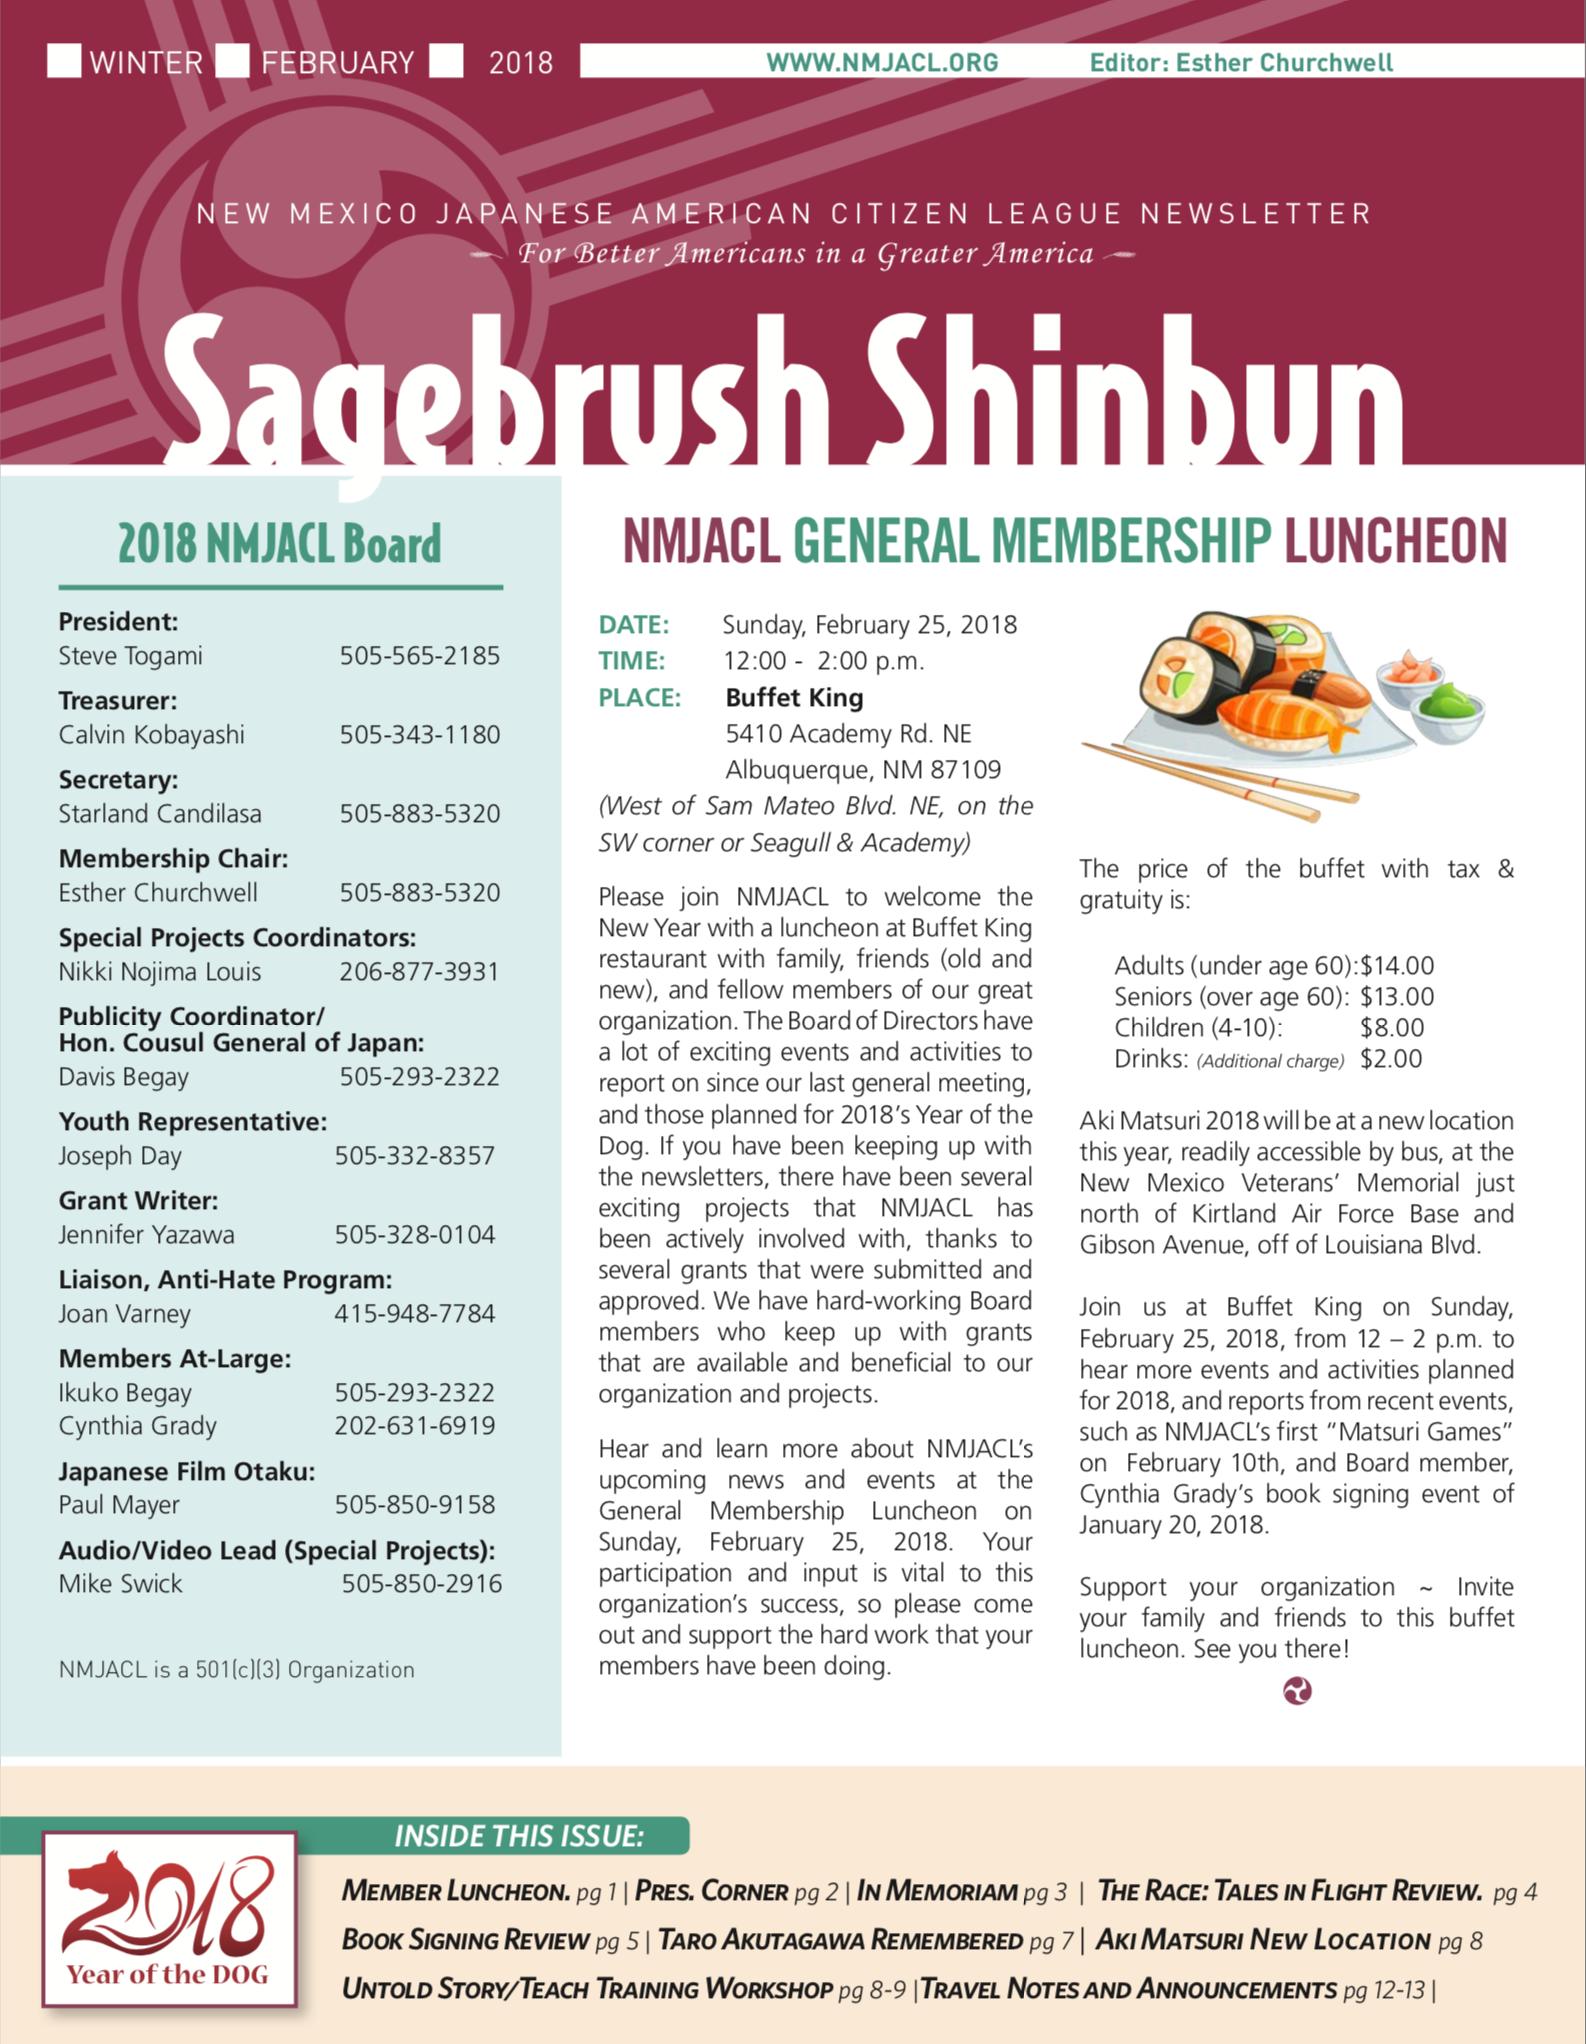 February 2018 Newsletter cover